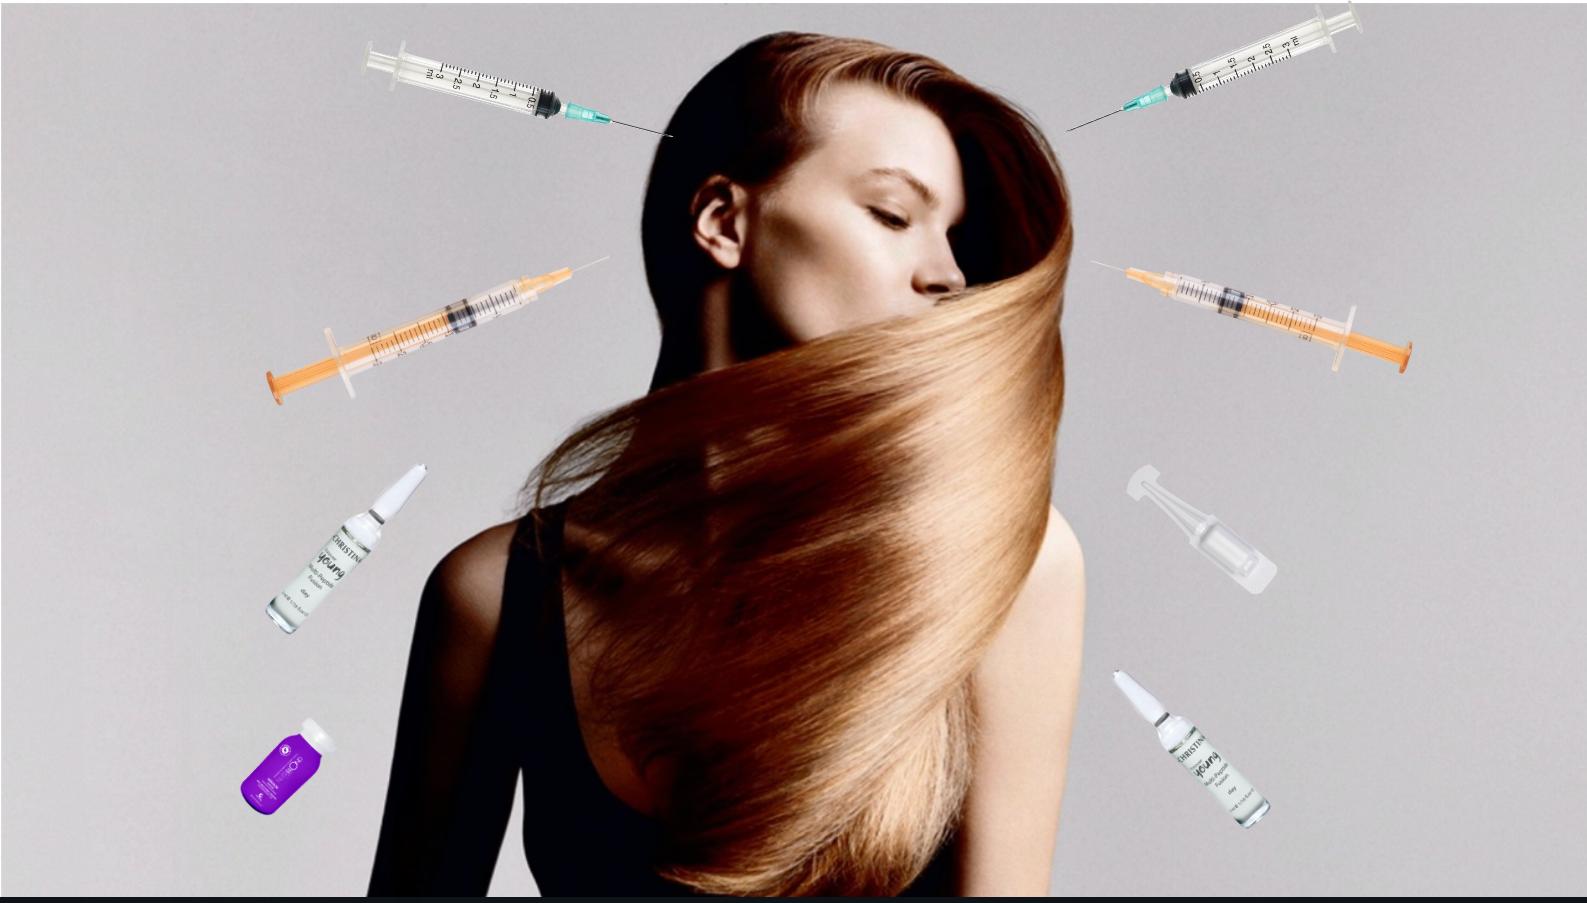 Мезотерапия для волос: шанс избавиться от выпадения или очередной способ нажиться на несчастье?